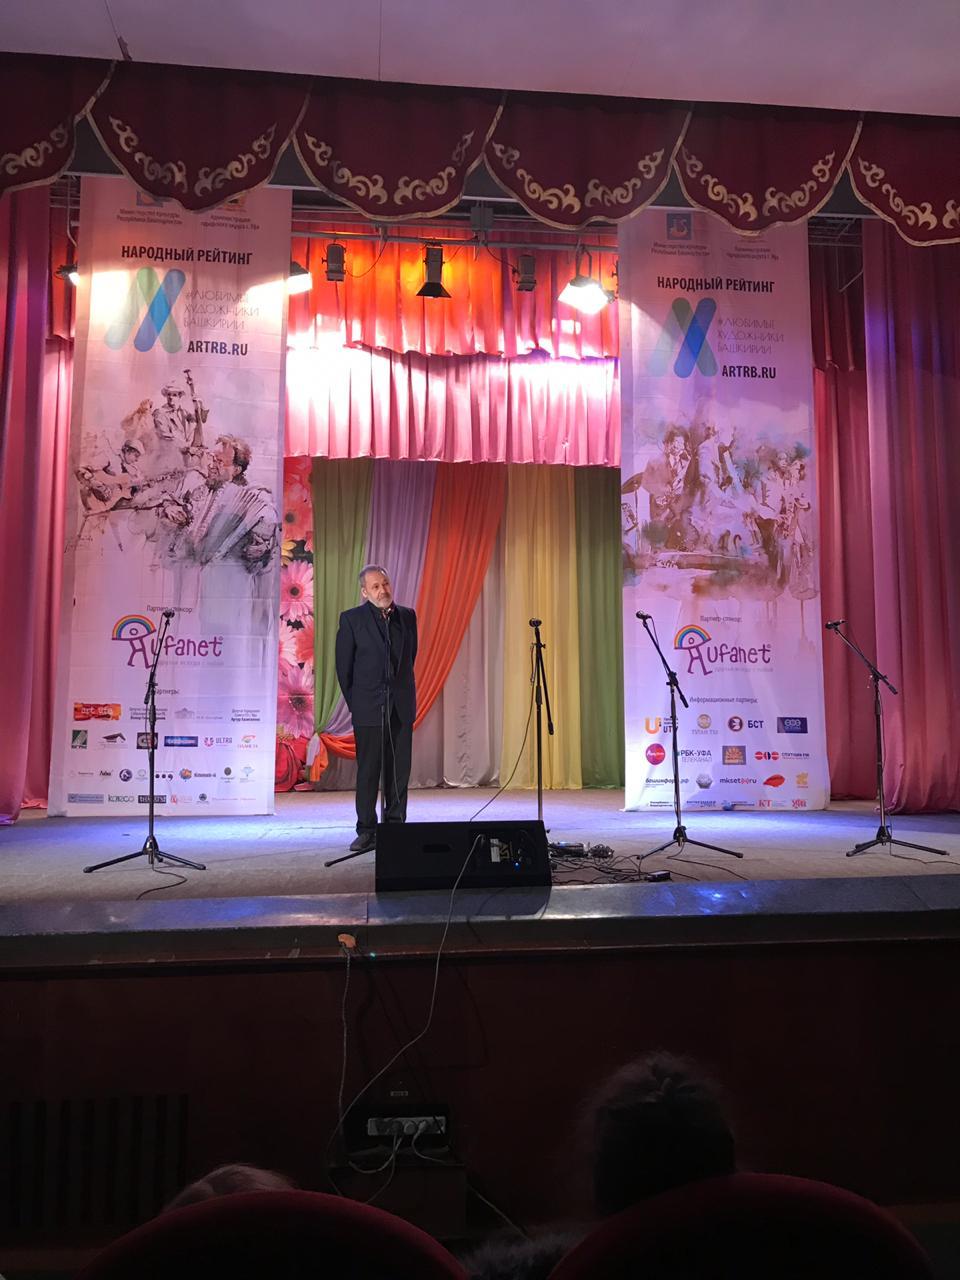 Художественный тур проекта «Любимые художники Башкирии»: теплая встреча 27 марта с художниками в с. Федоровка